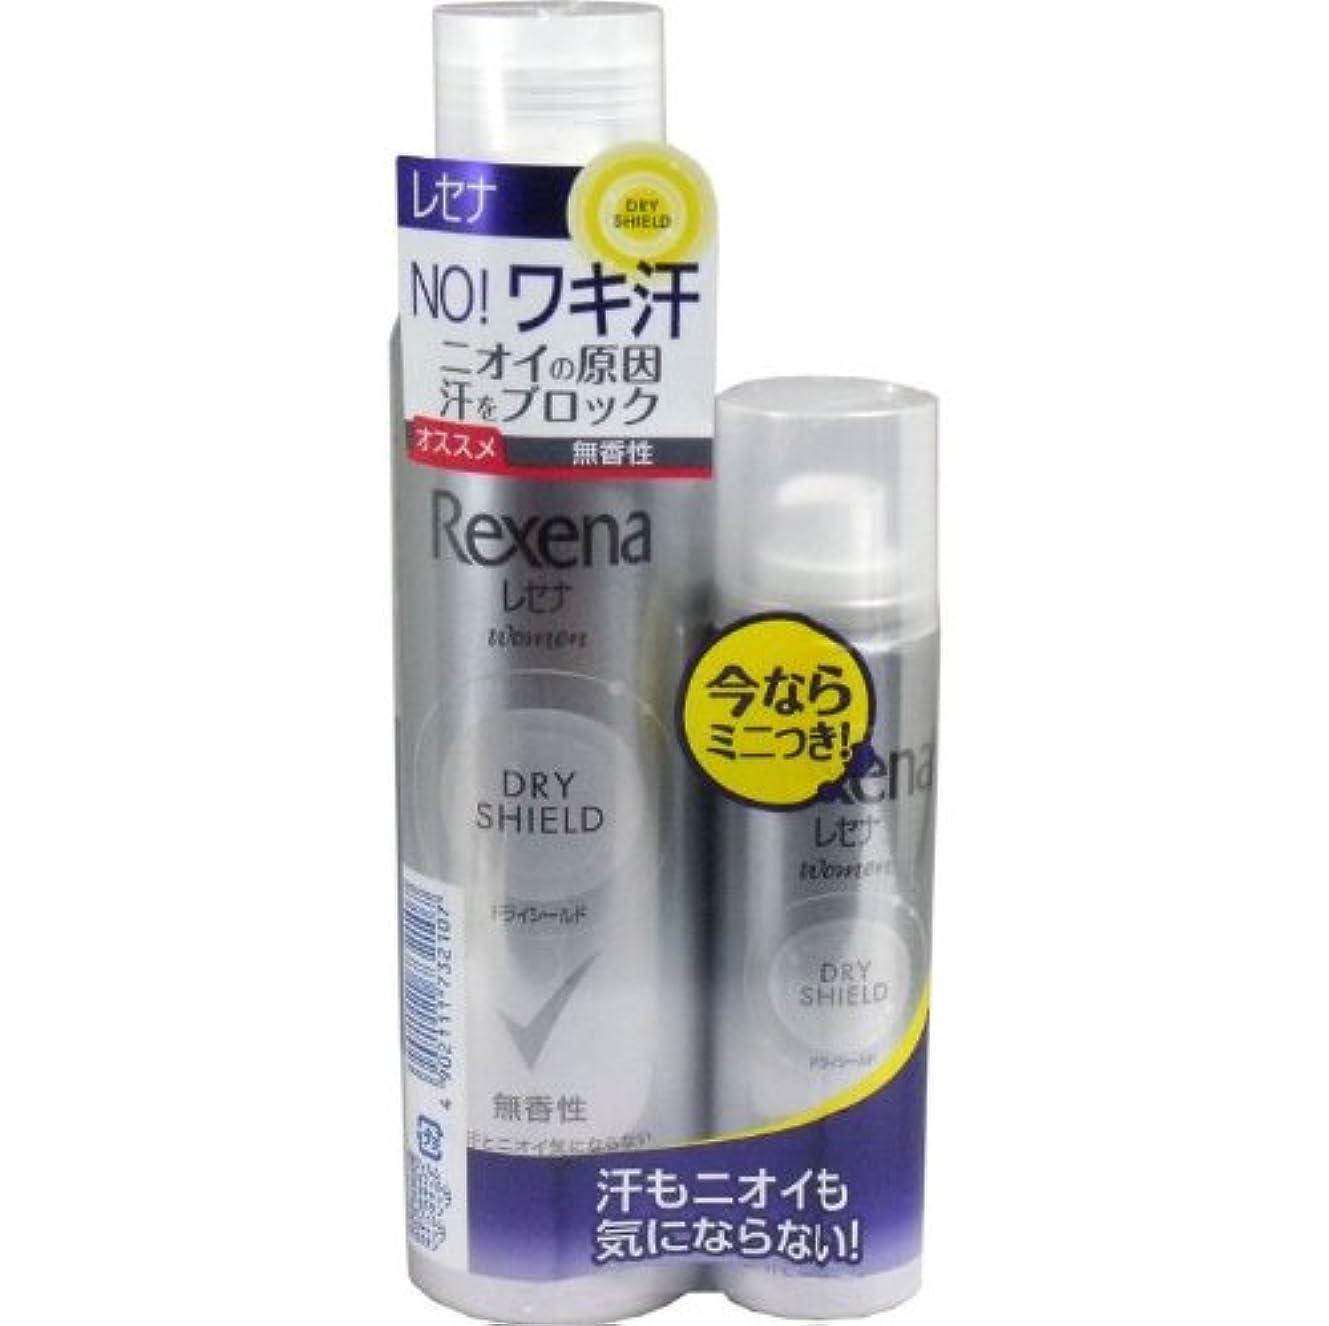 付属品ネズミ倉庫レセナ ドライシールドパウダースプレー 無香性 135g+(おまけ45g付き) 【5個セット】